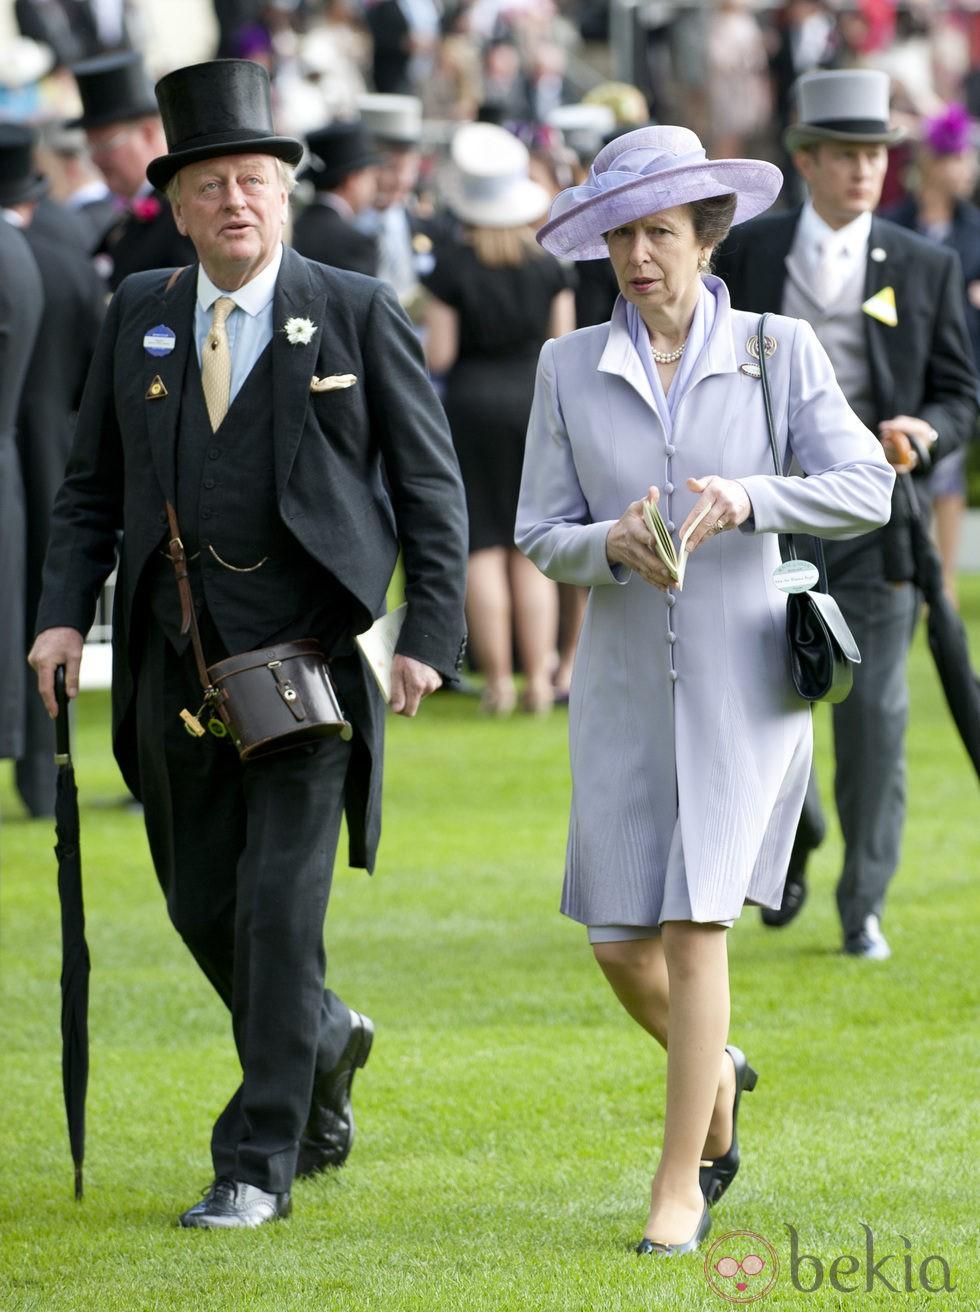 La Princesa Ana y Andrew Parker Bowles en Ascot